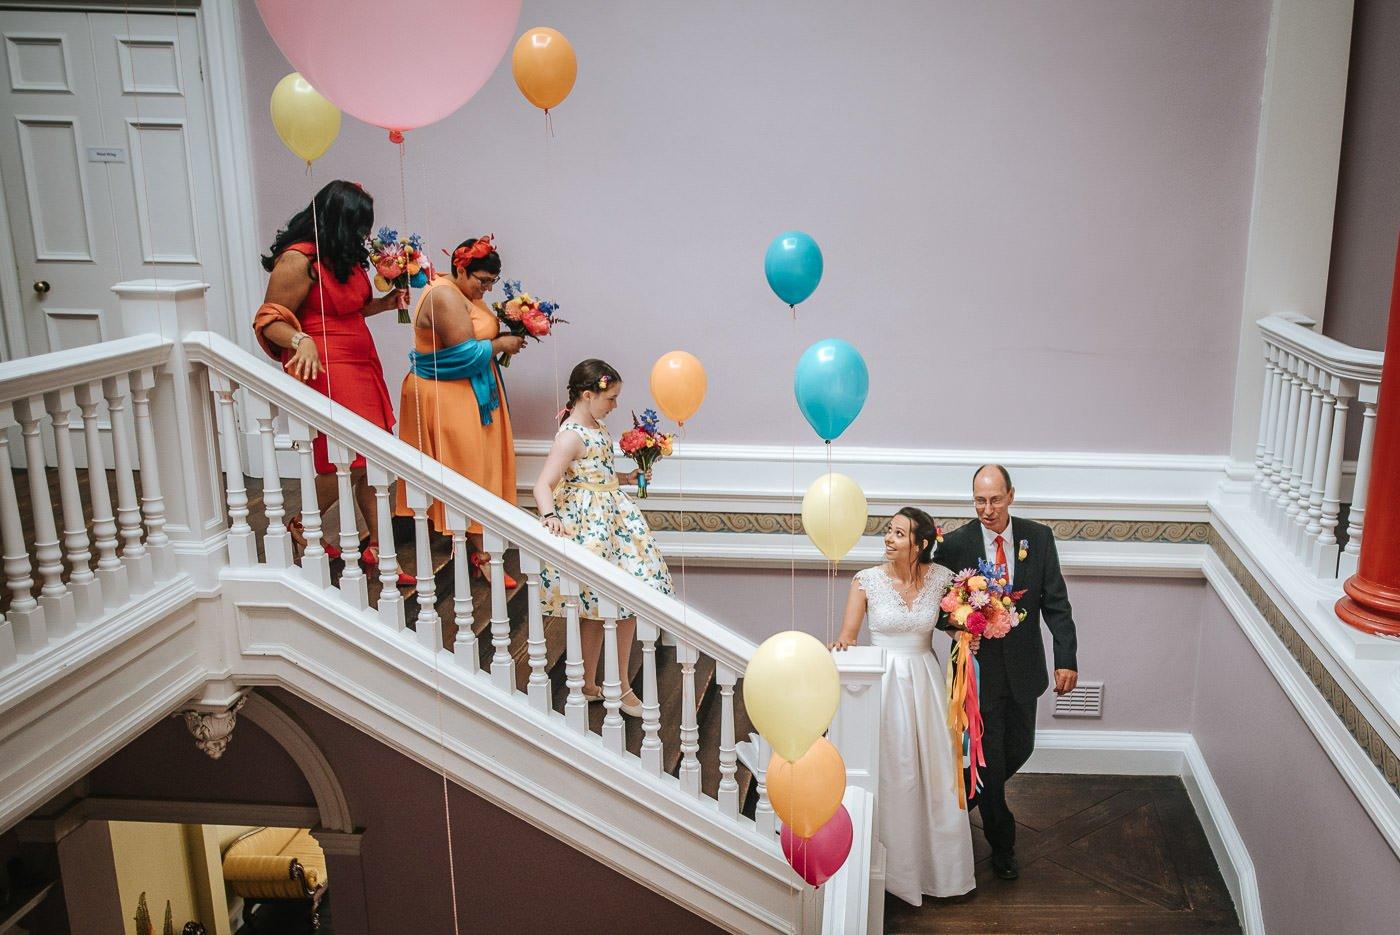 oxon hoath wedding photographer